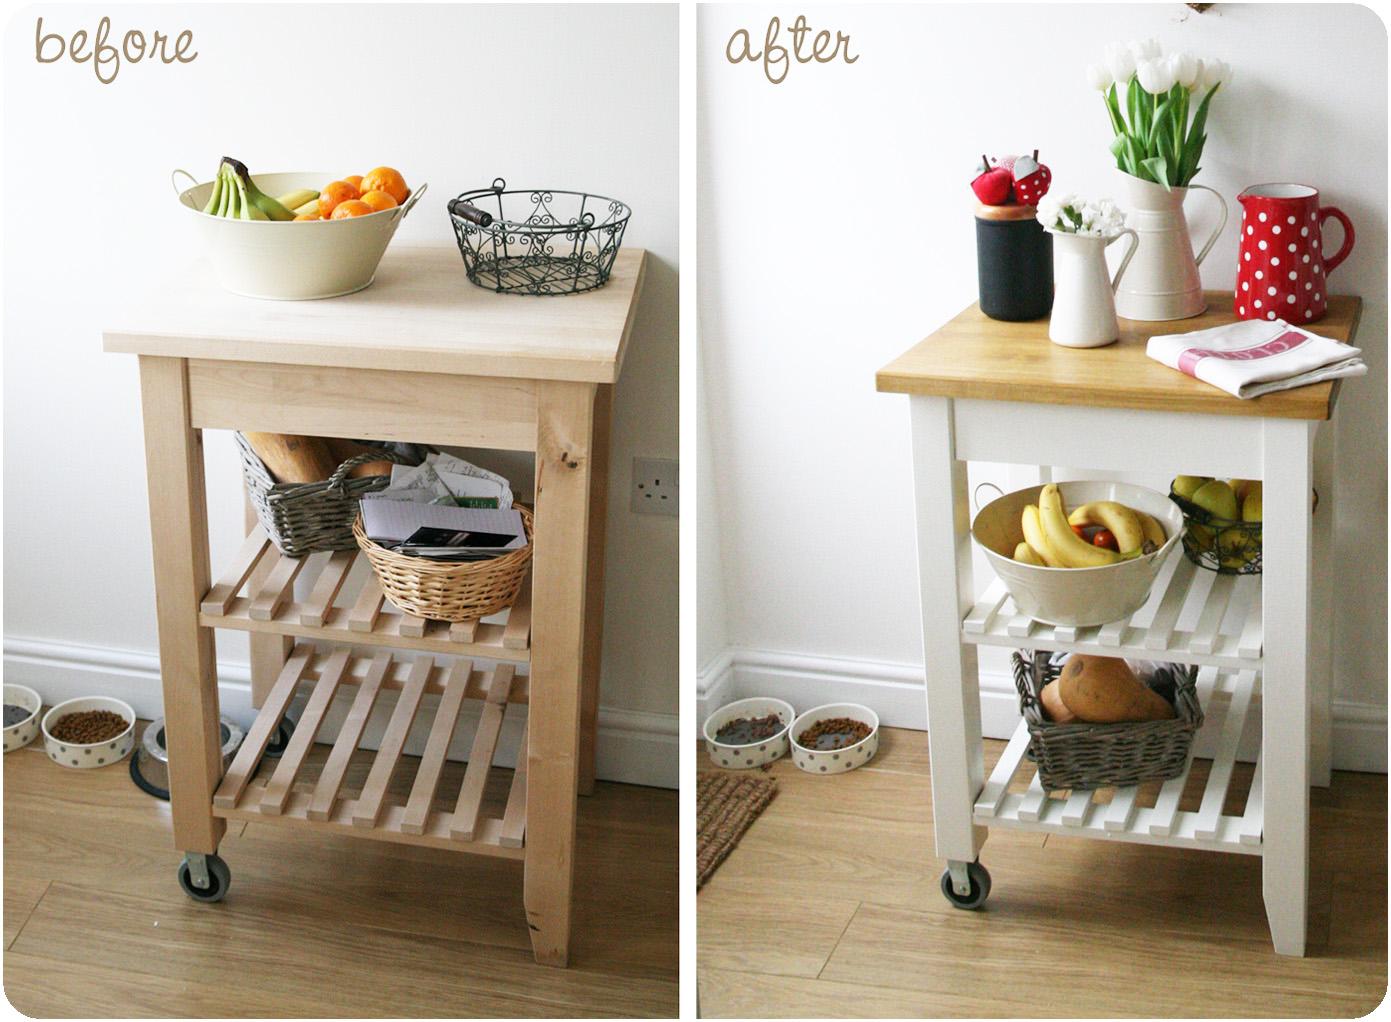 Carrelli Per Cucina Ikea | Ikea Carrelli Da Cucina 2 Dodgerelease